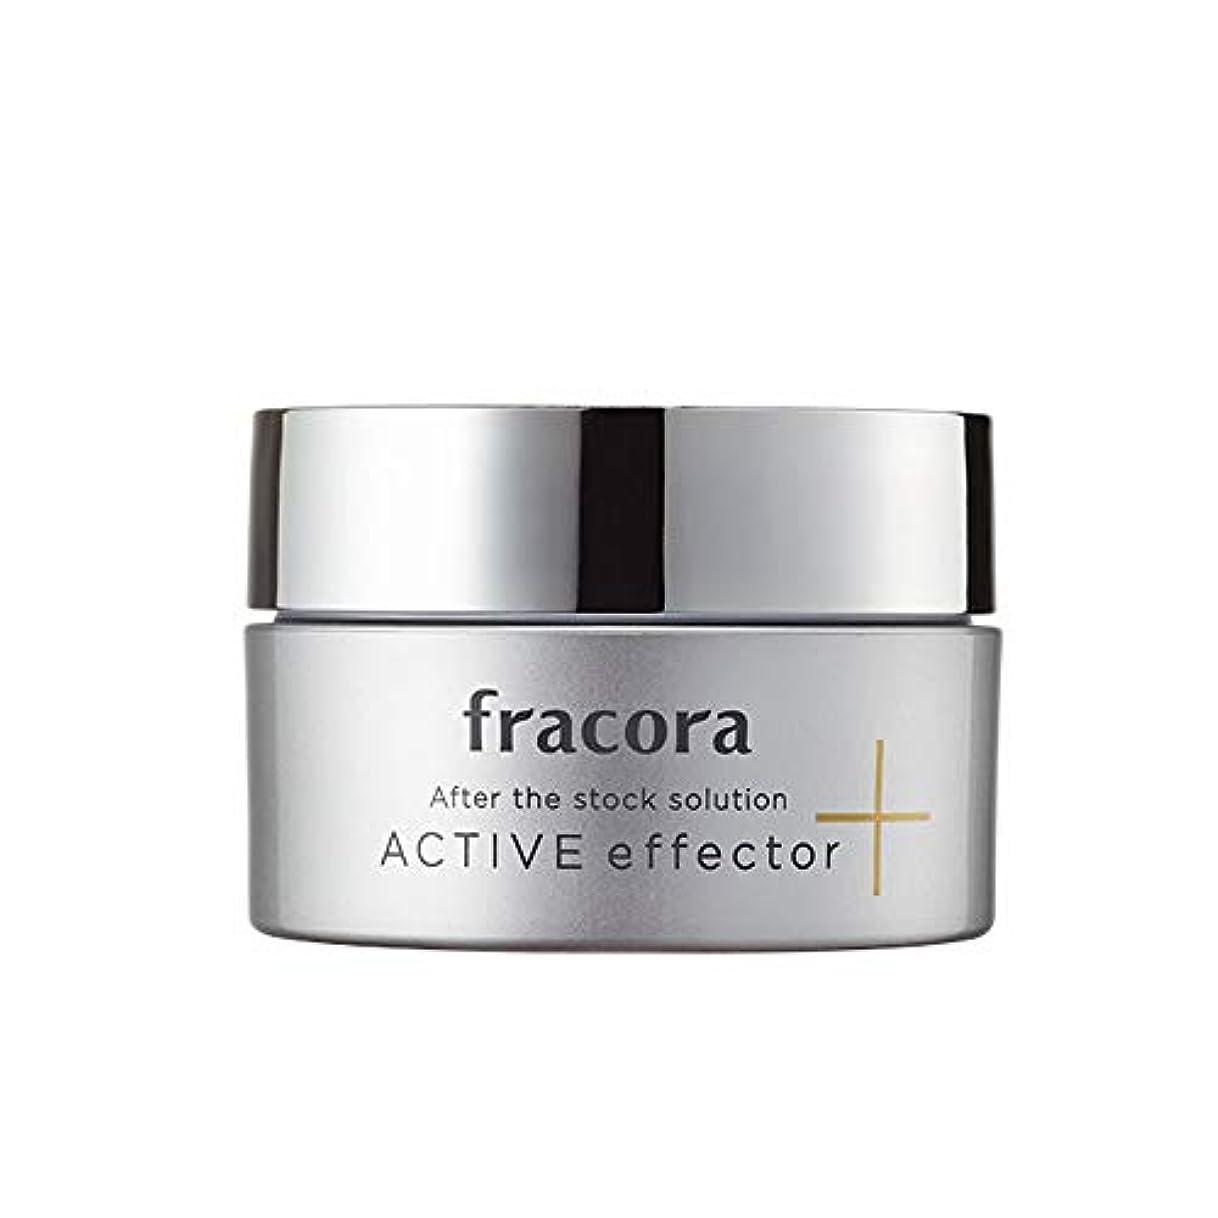 割る再集計水銀のfracora(フラコラ) クリーム アクティブ エフェクター 50g